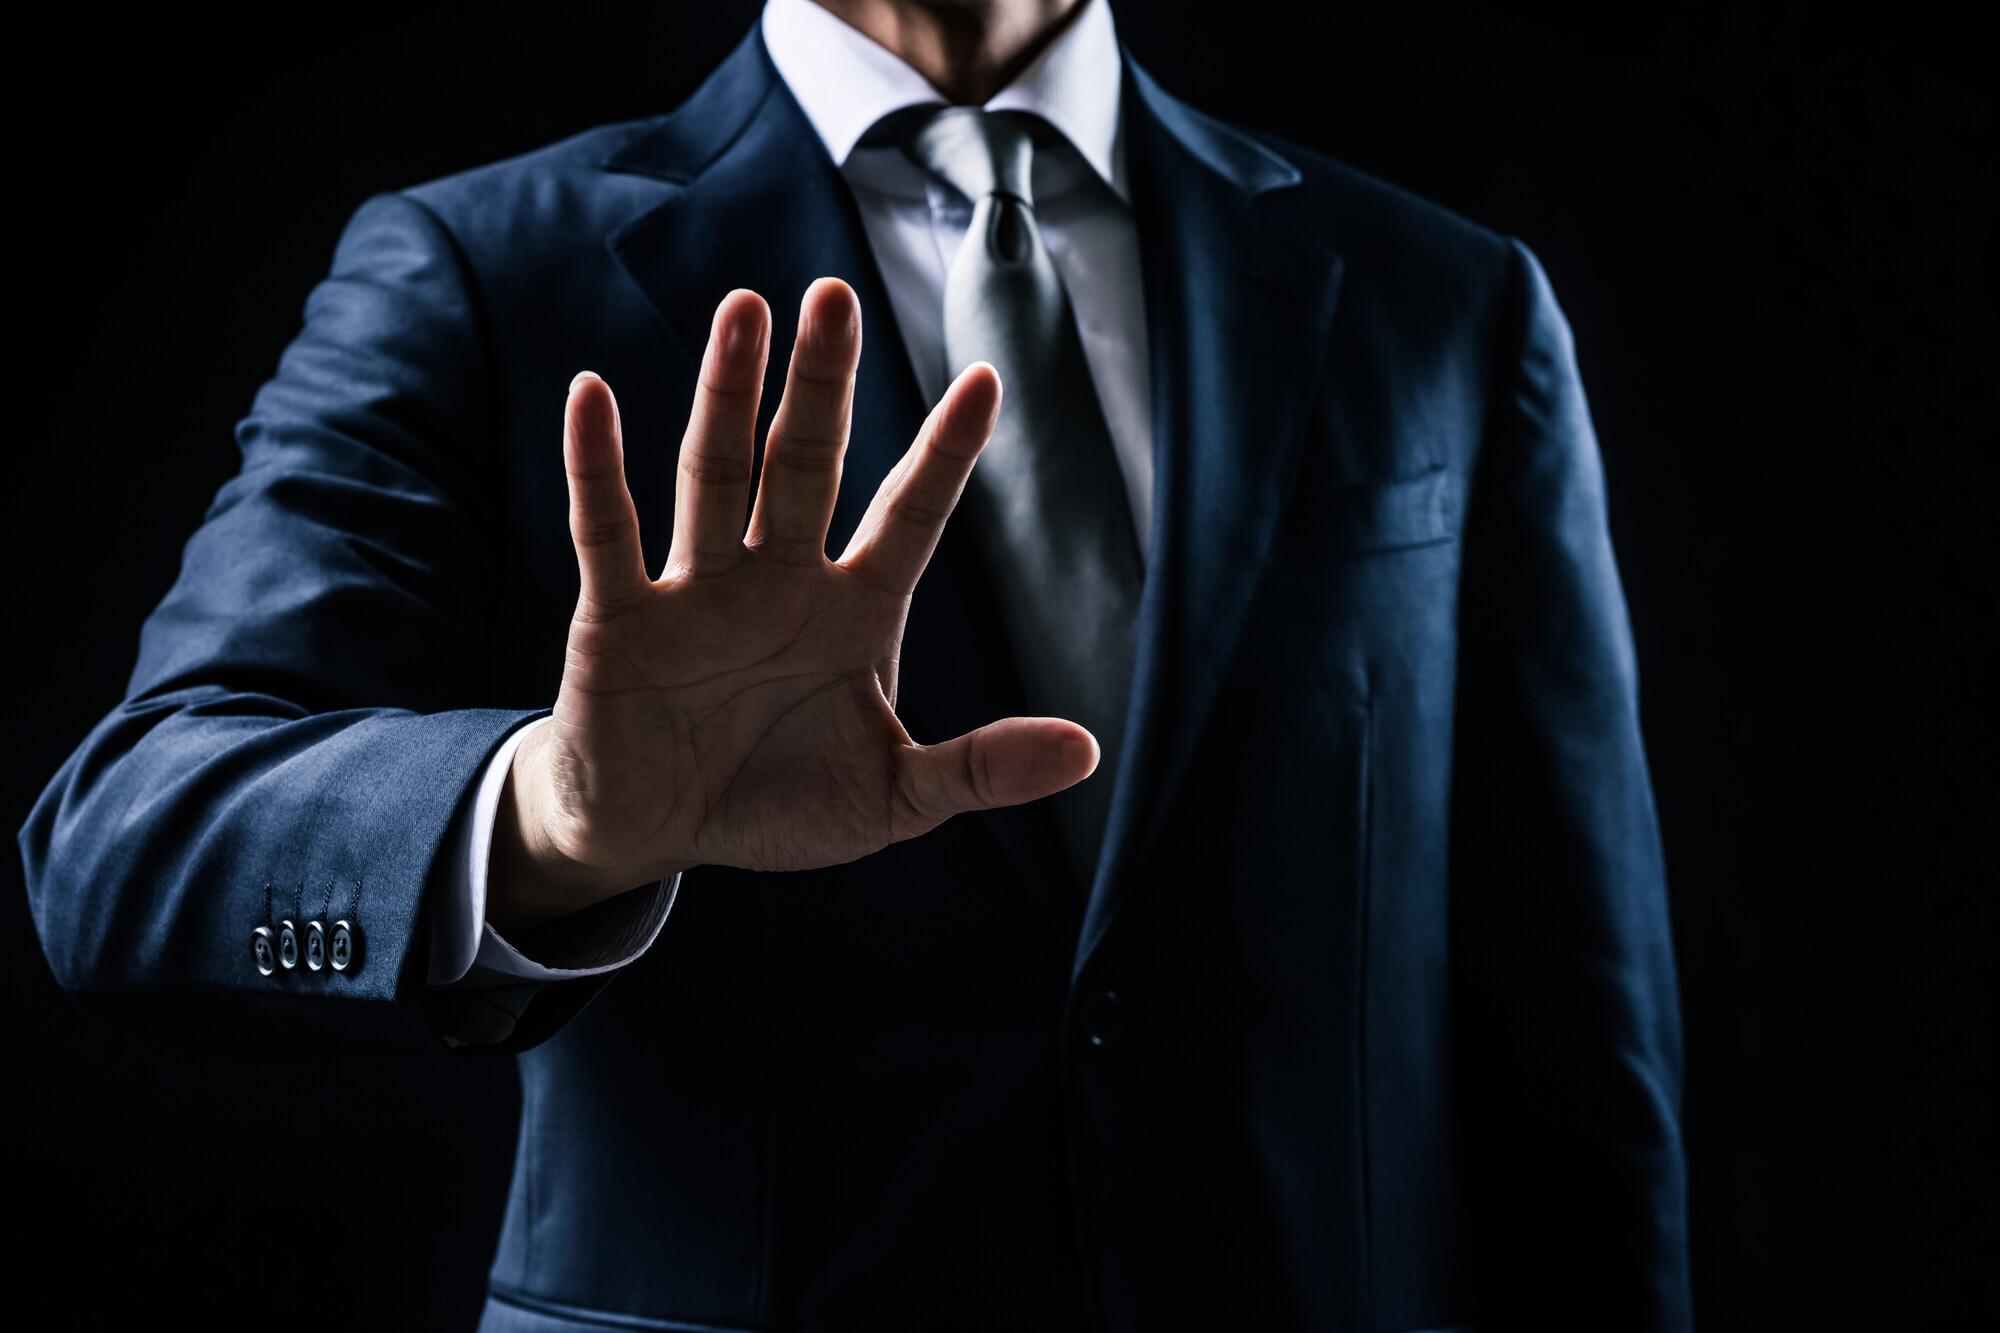 「不動産投資はやめとけ」とされる人の4つの特徴とは? 業界人の本音を大公開!